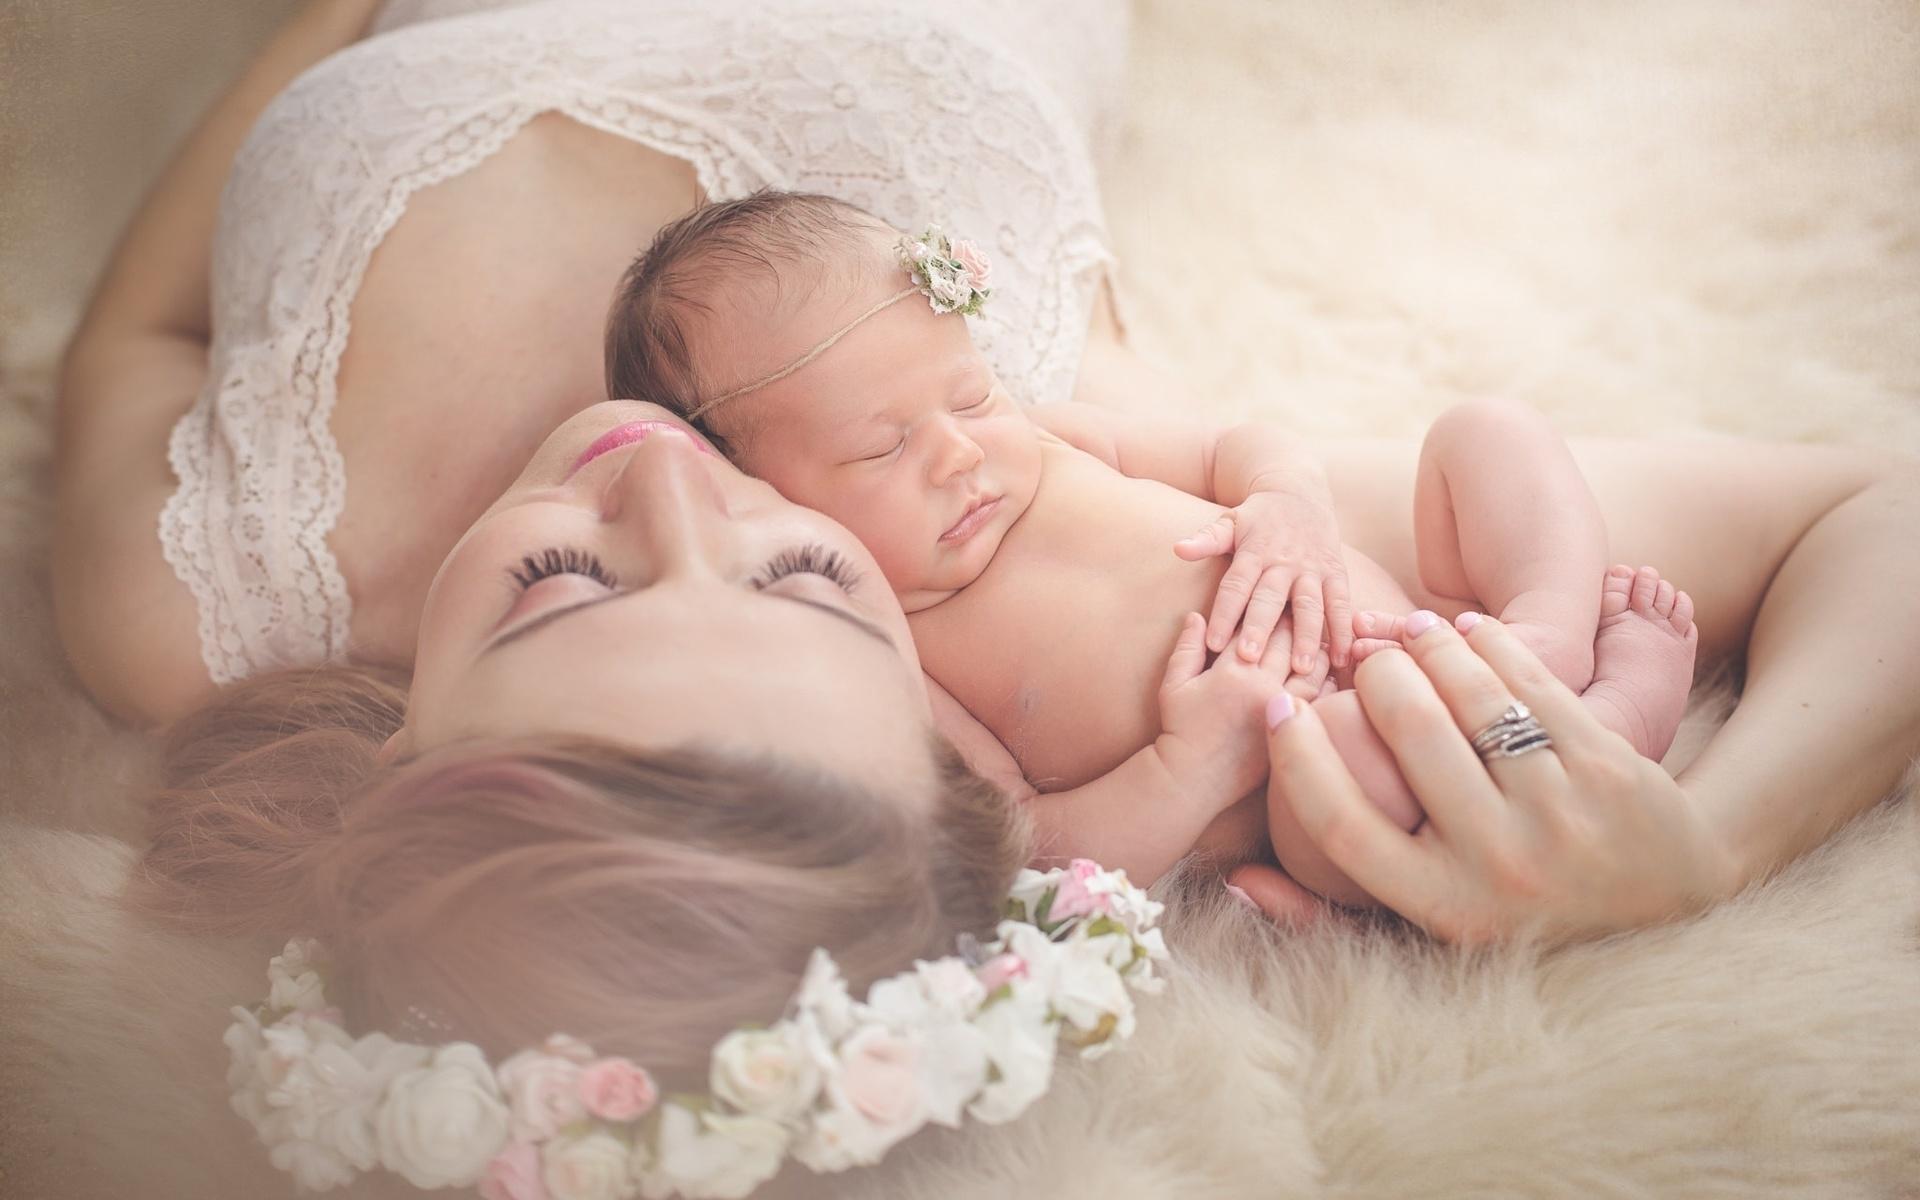 Мама с новорожденным картинка